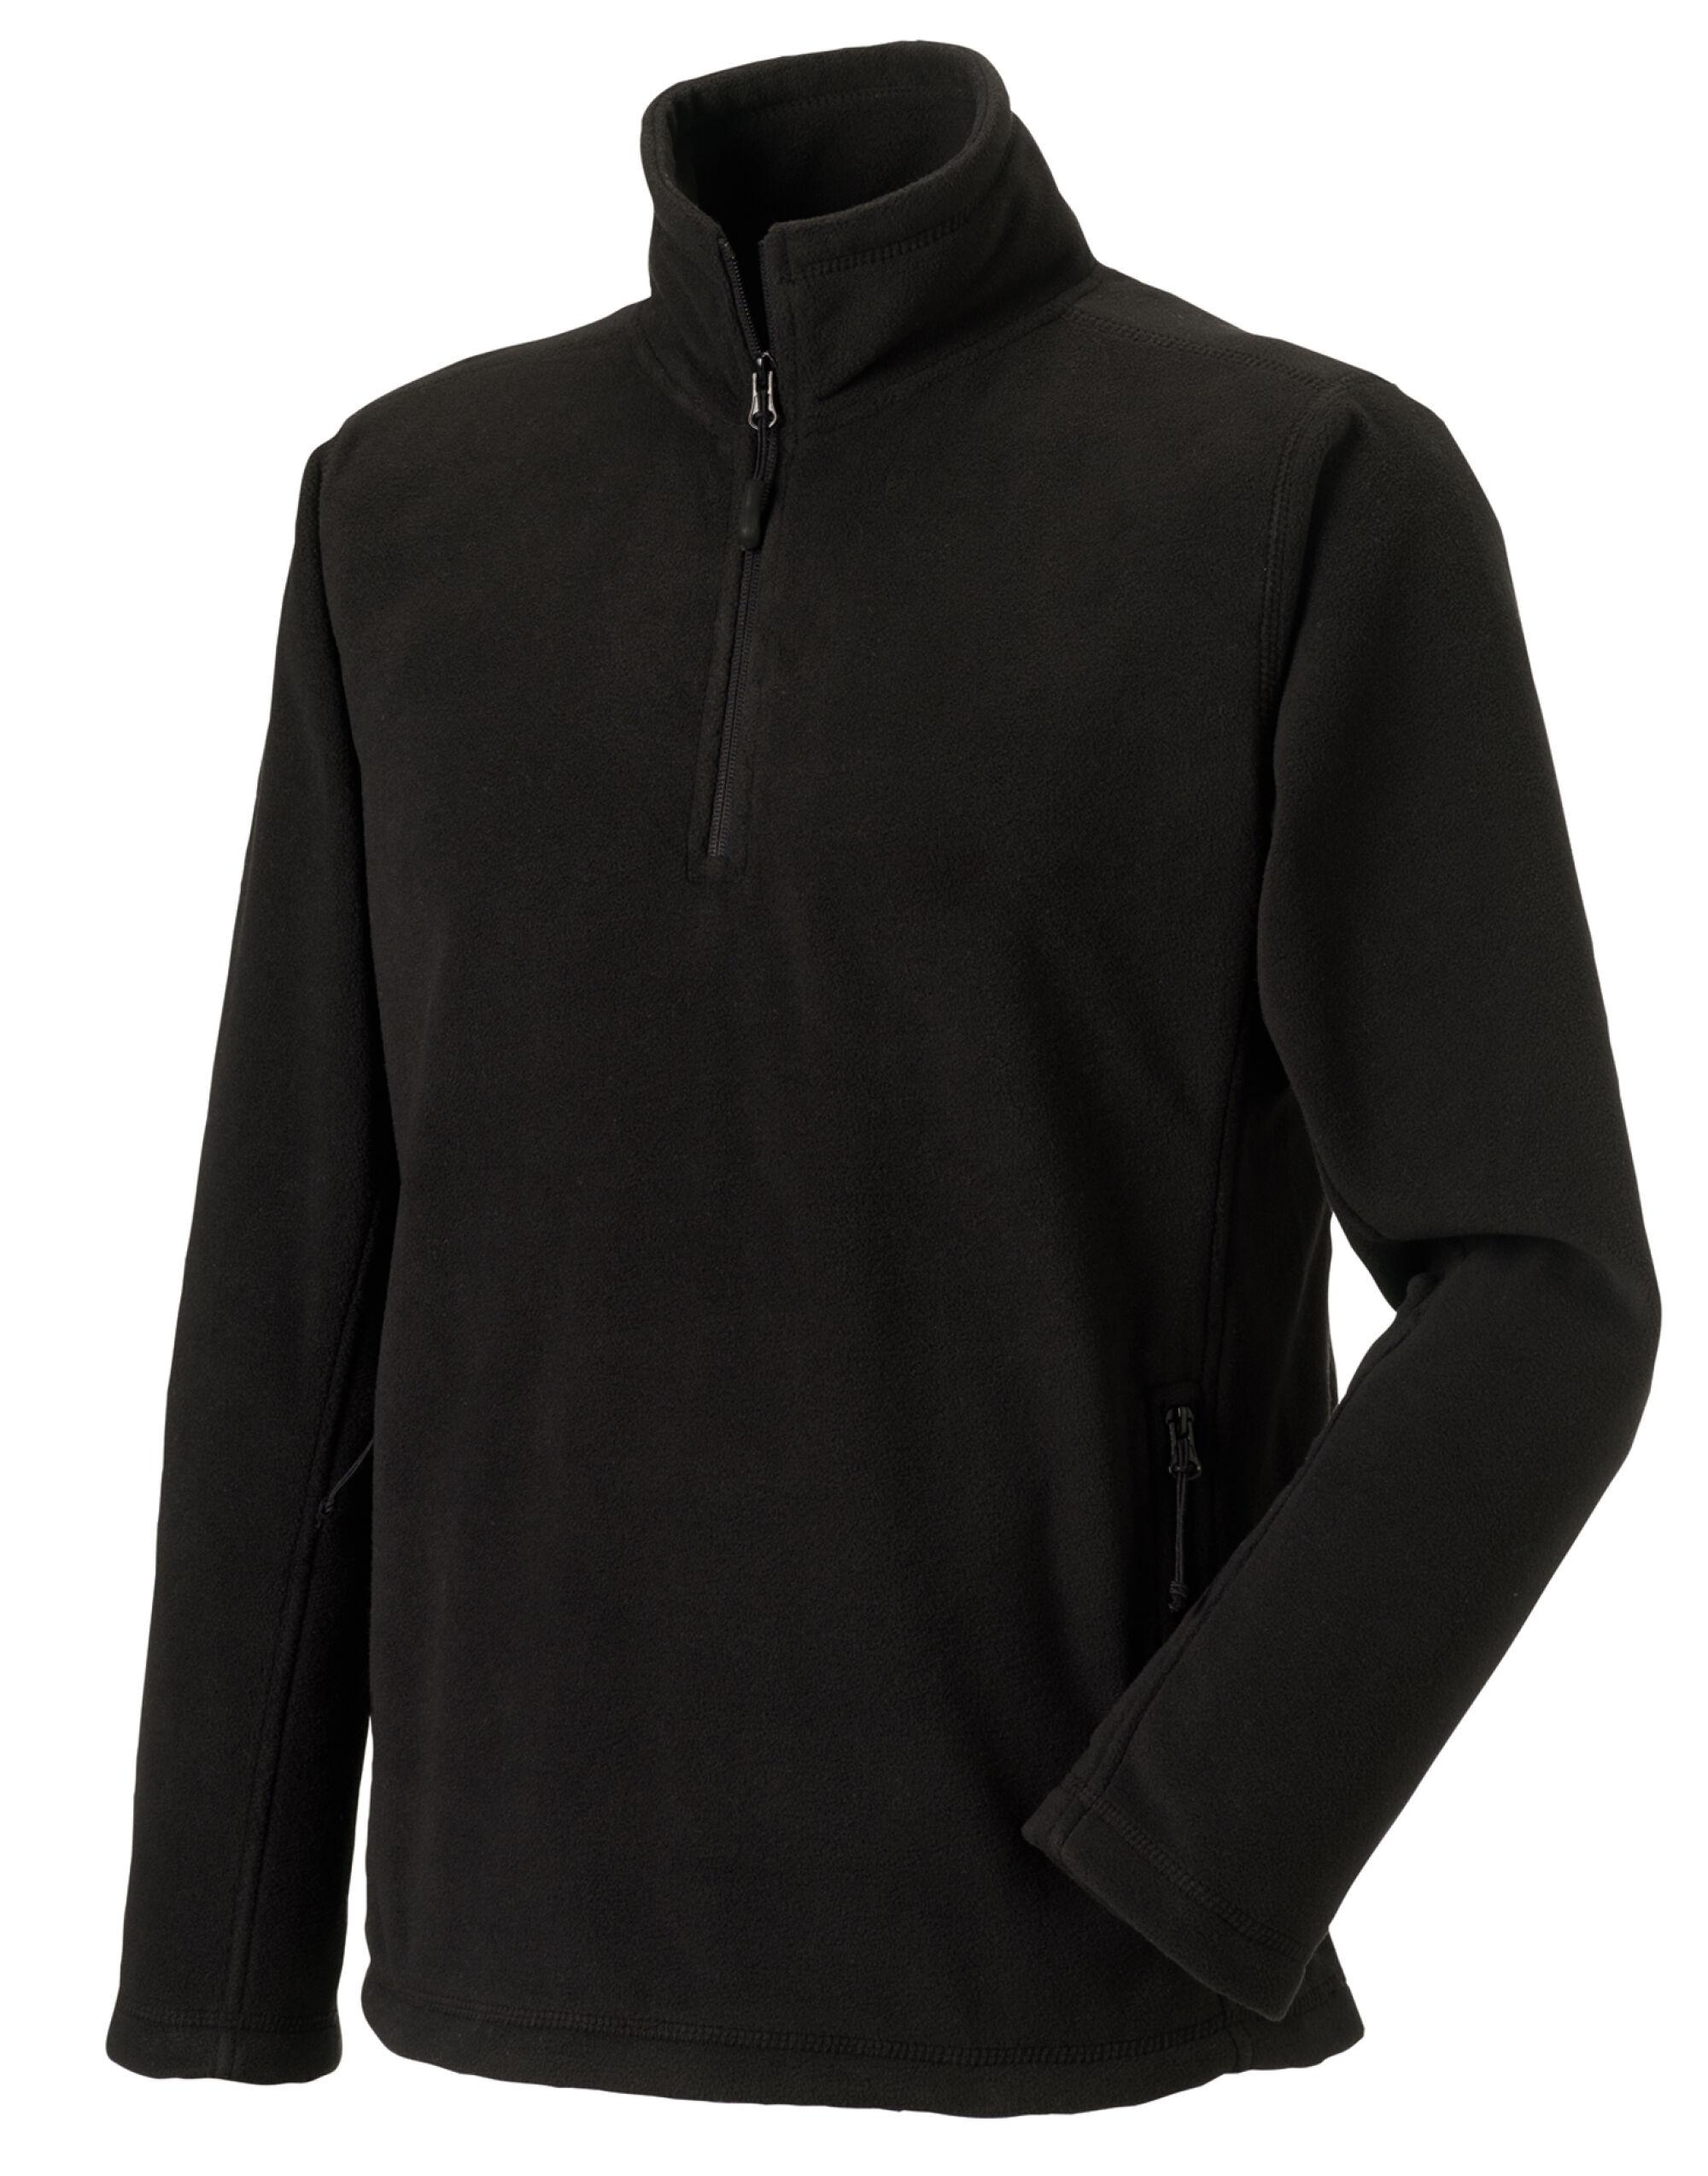 1/4 Zip Outdoor Fleece